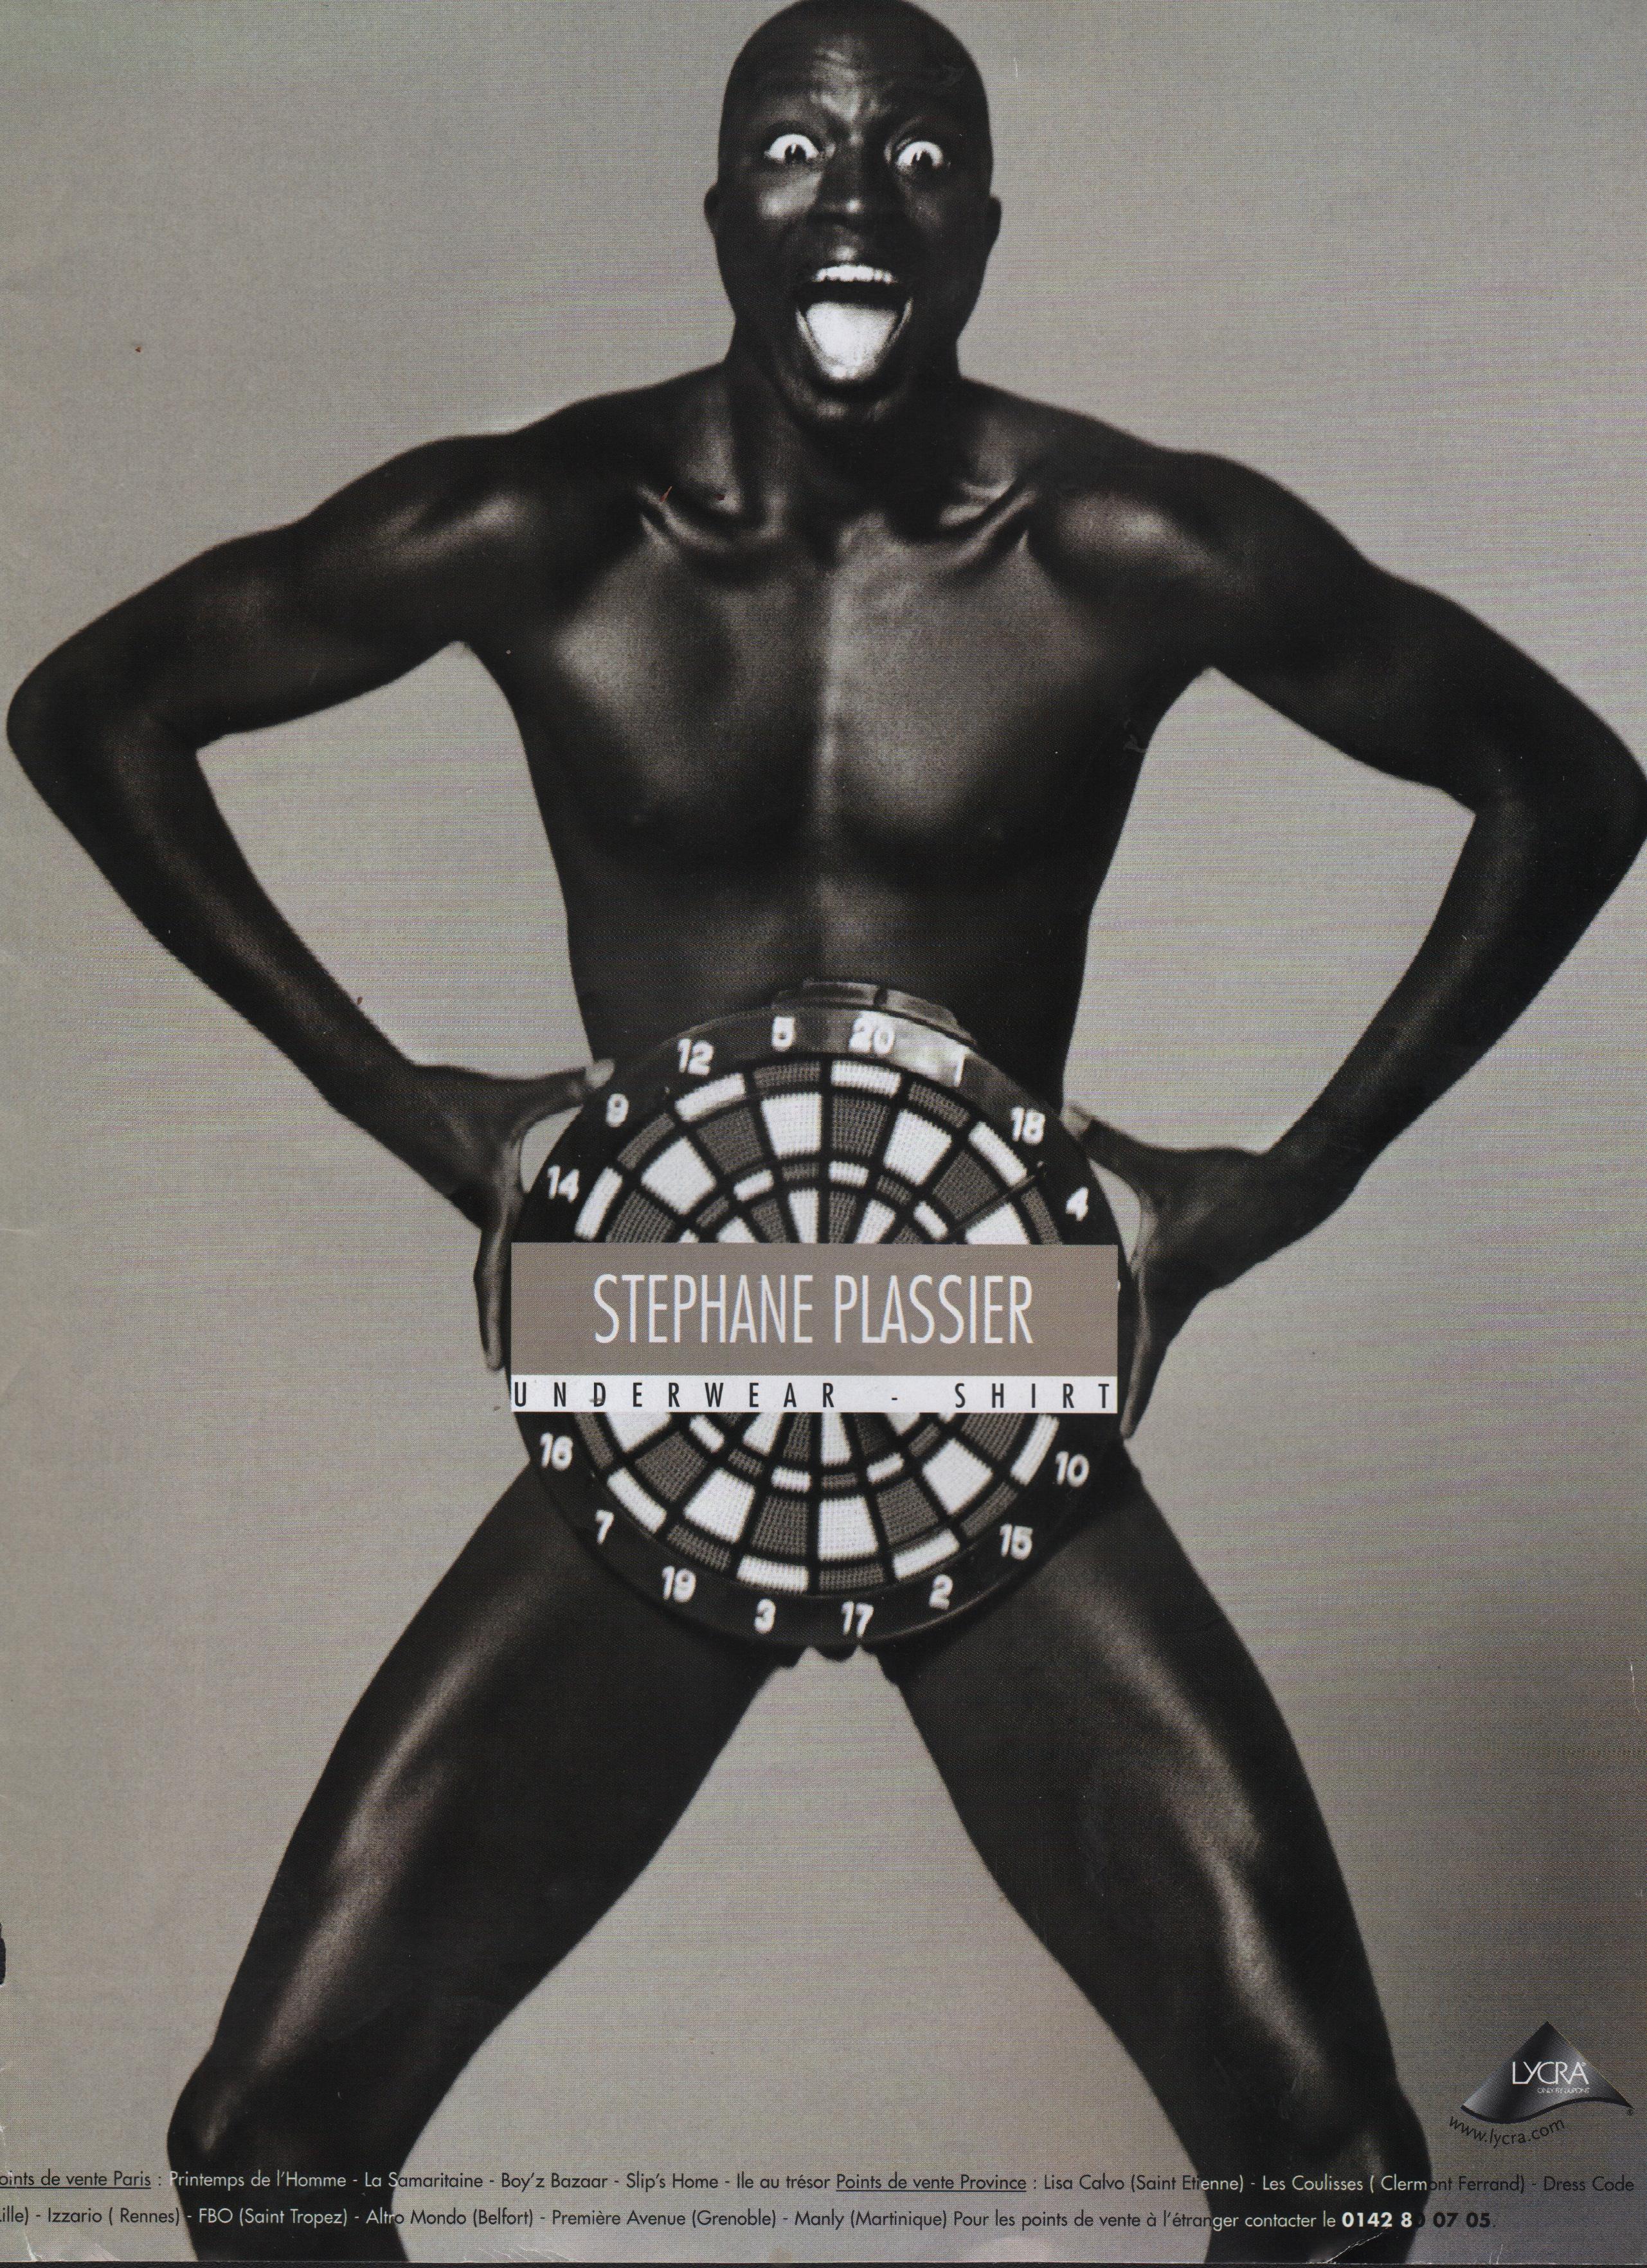 homme-nb-afro-joyeux-publicite